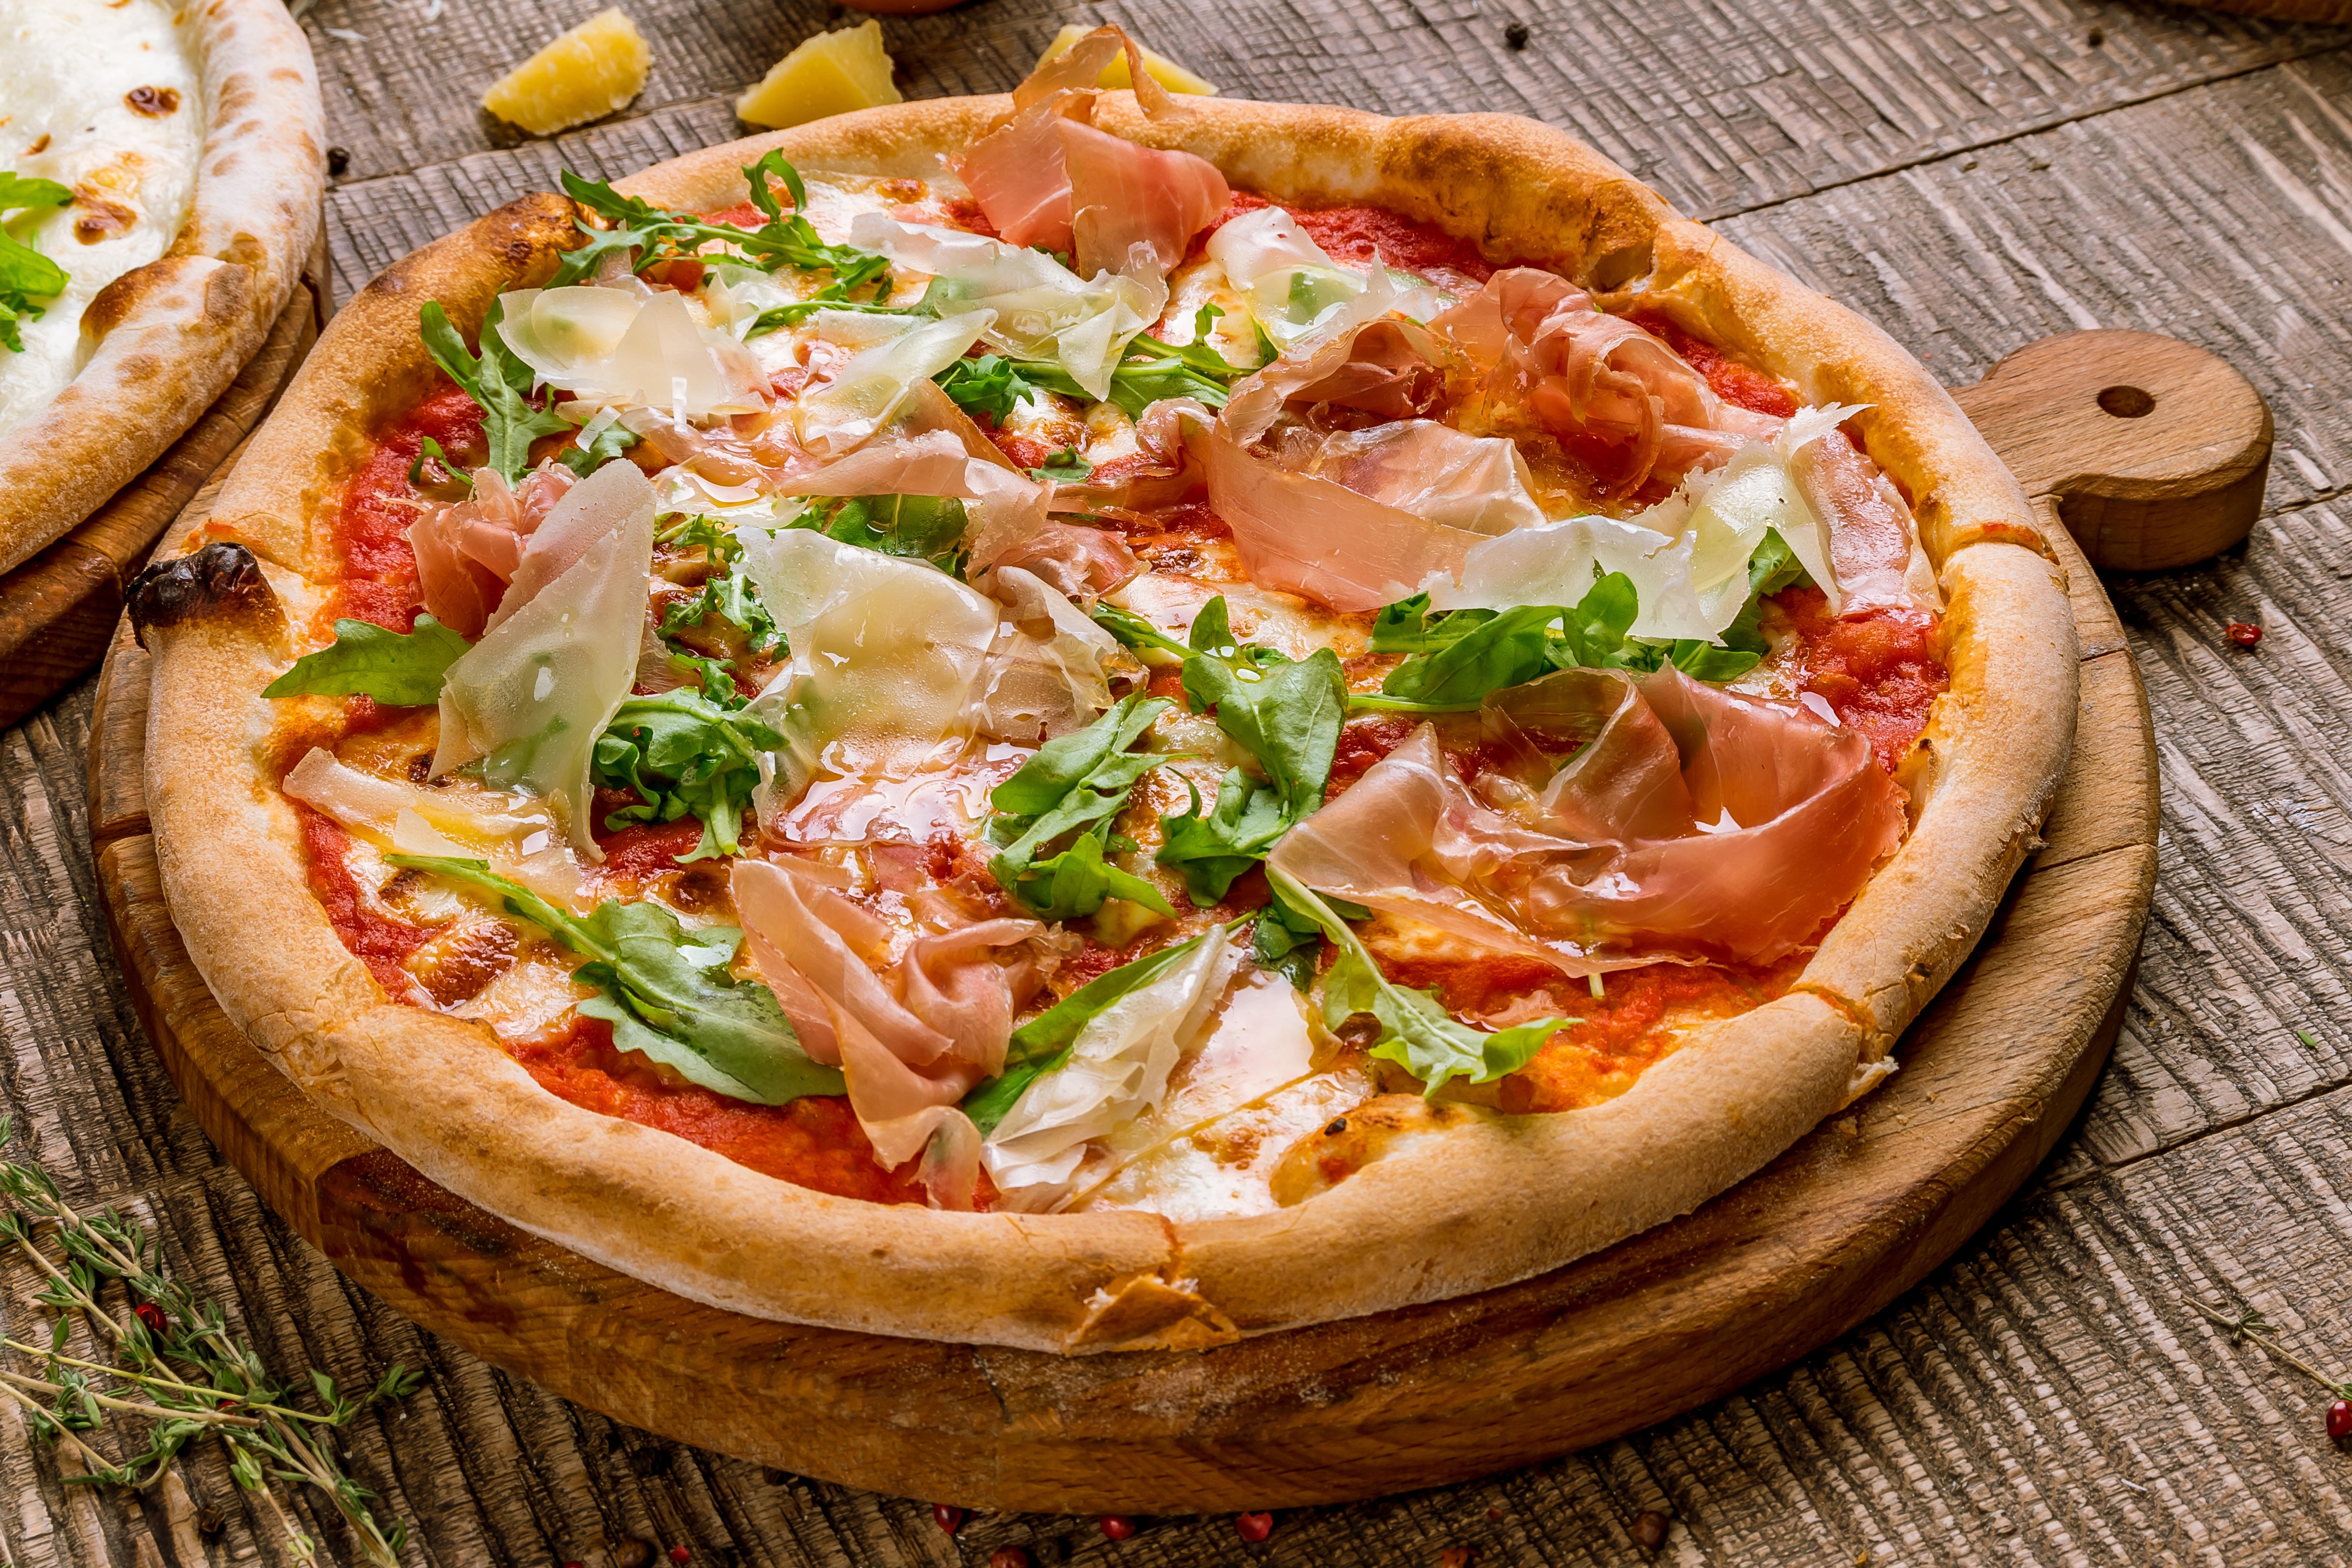 фото пиццы крупным планом сорт, крупные прицветники